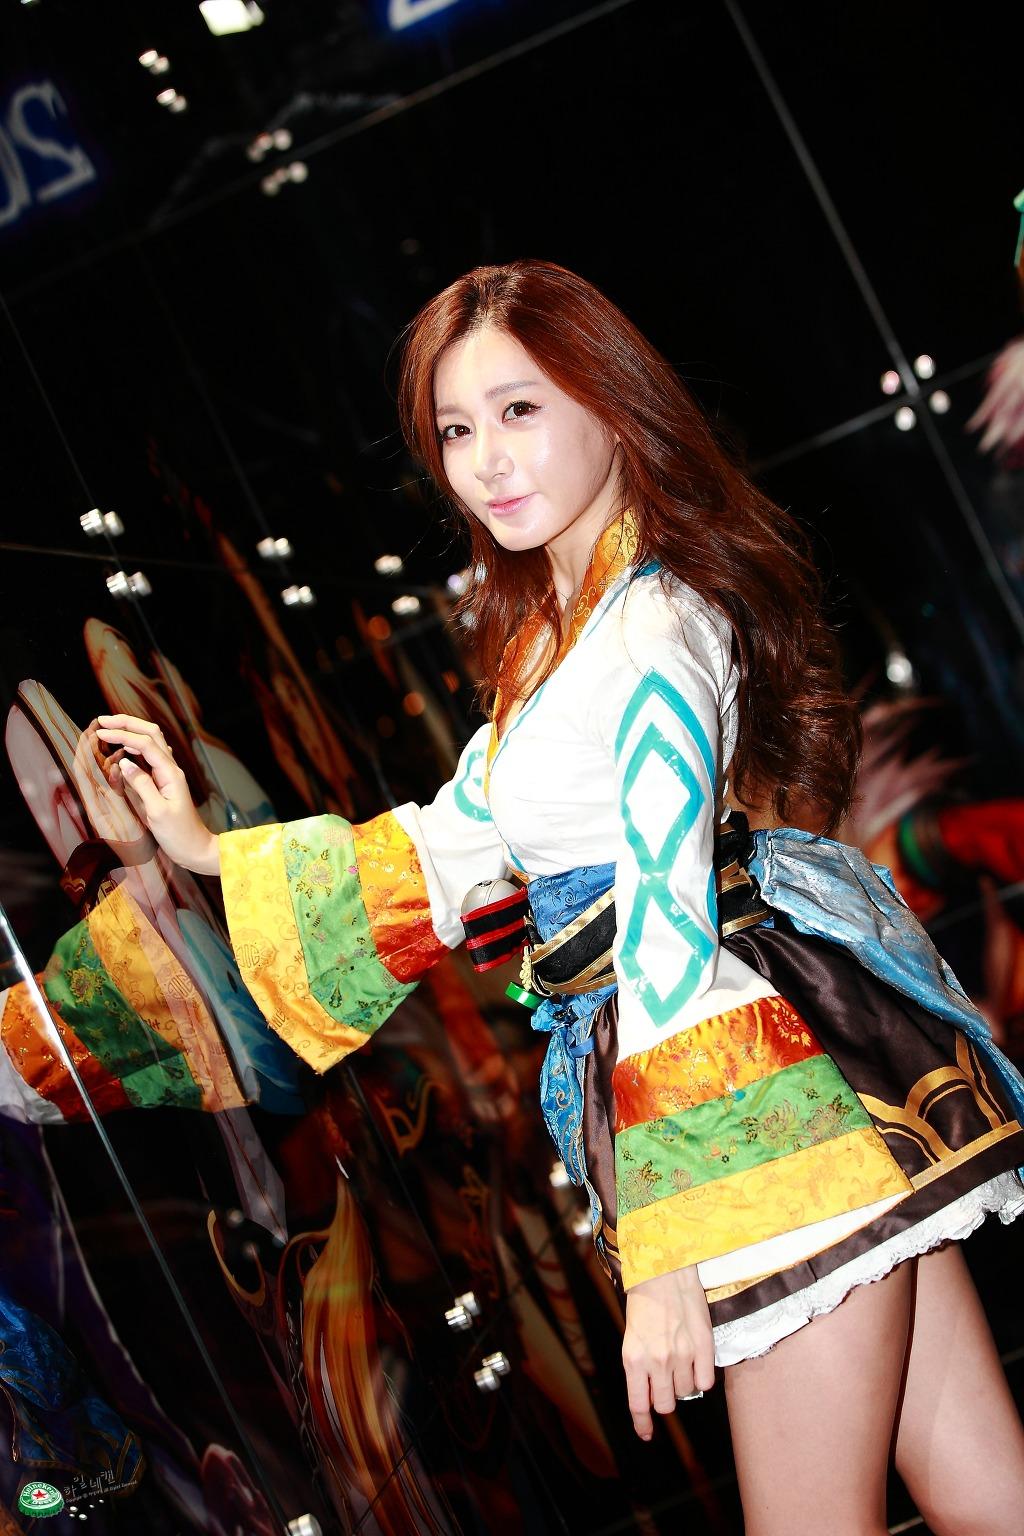 Han Ji Eun at D&F Festival 2012